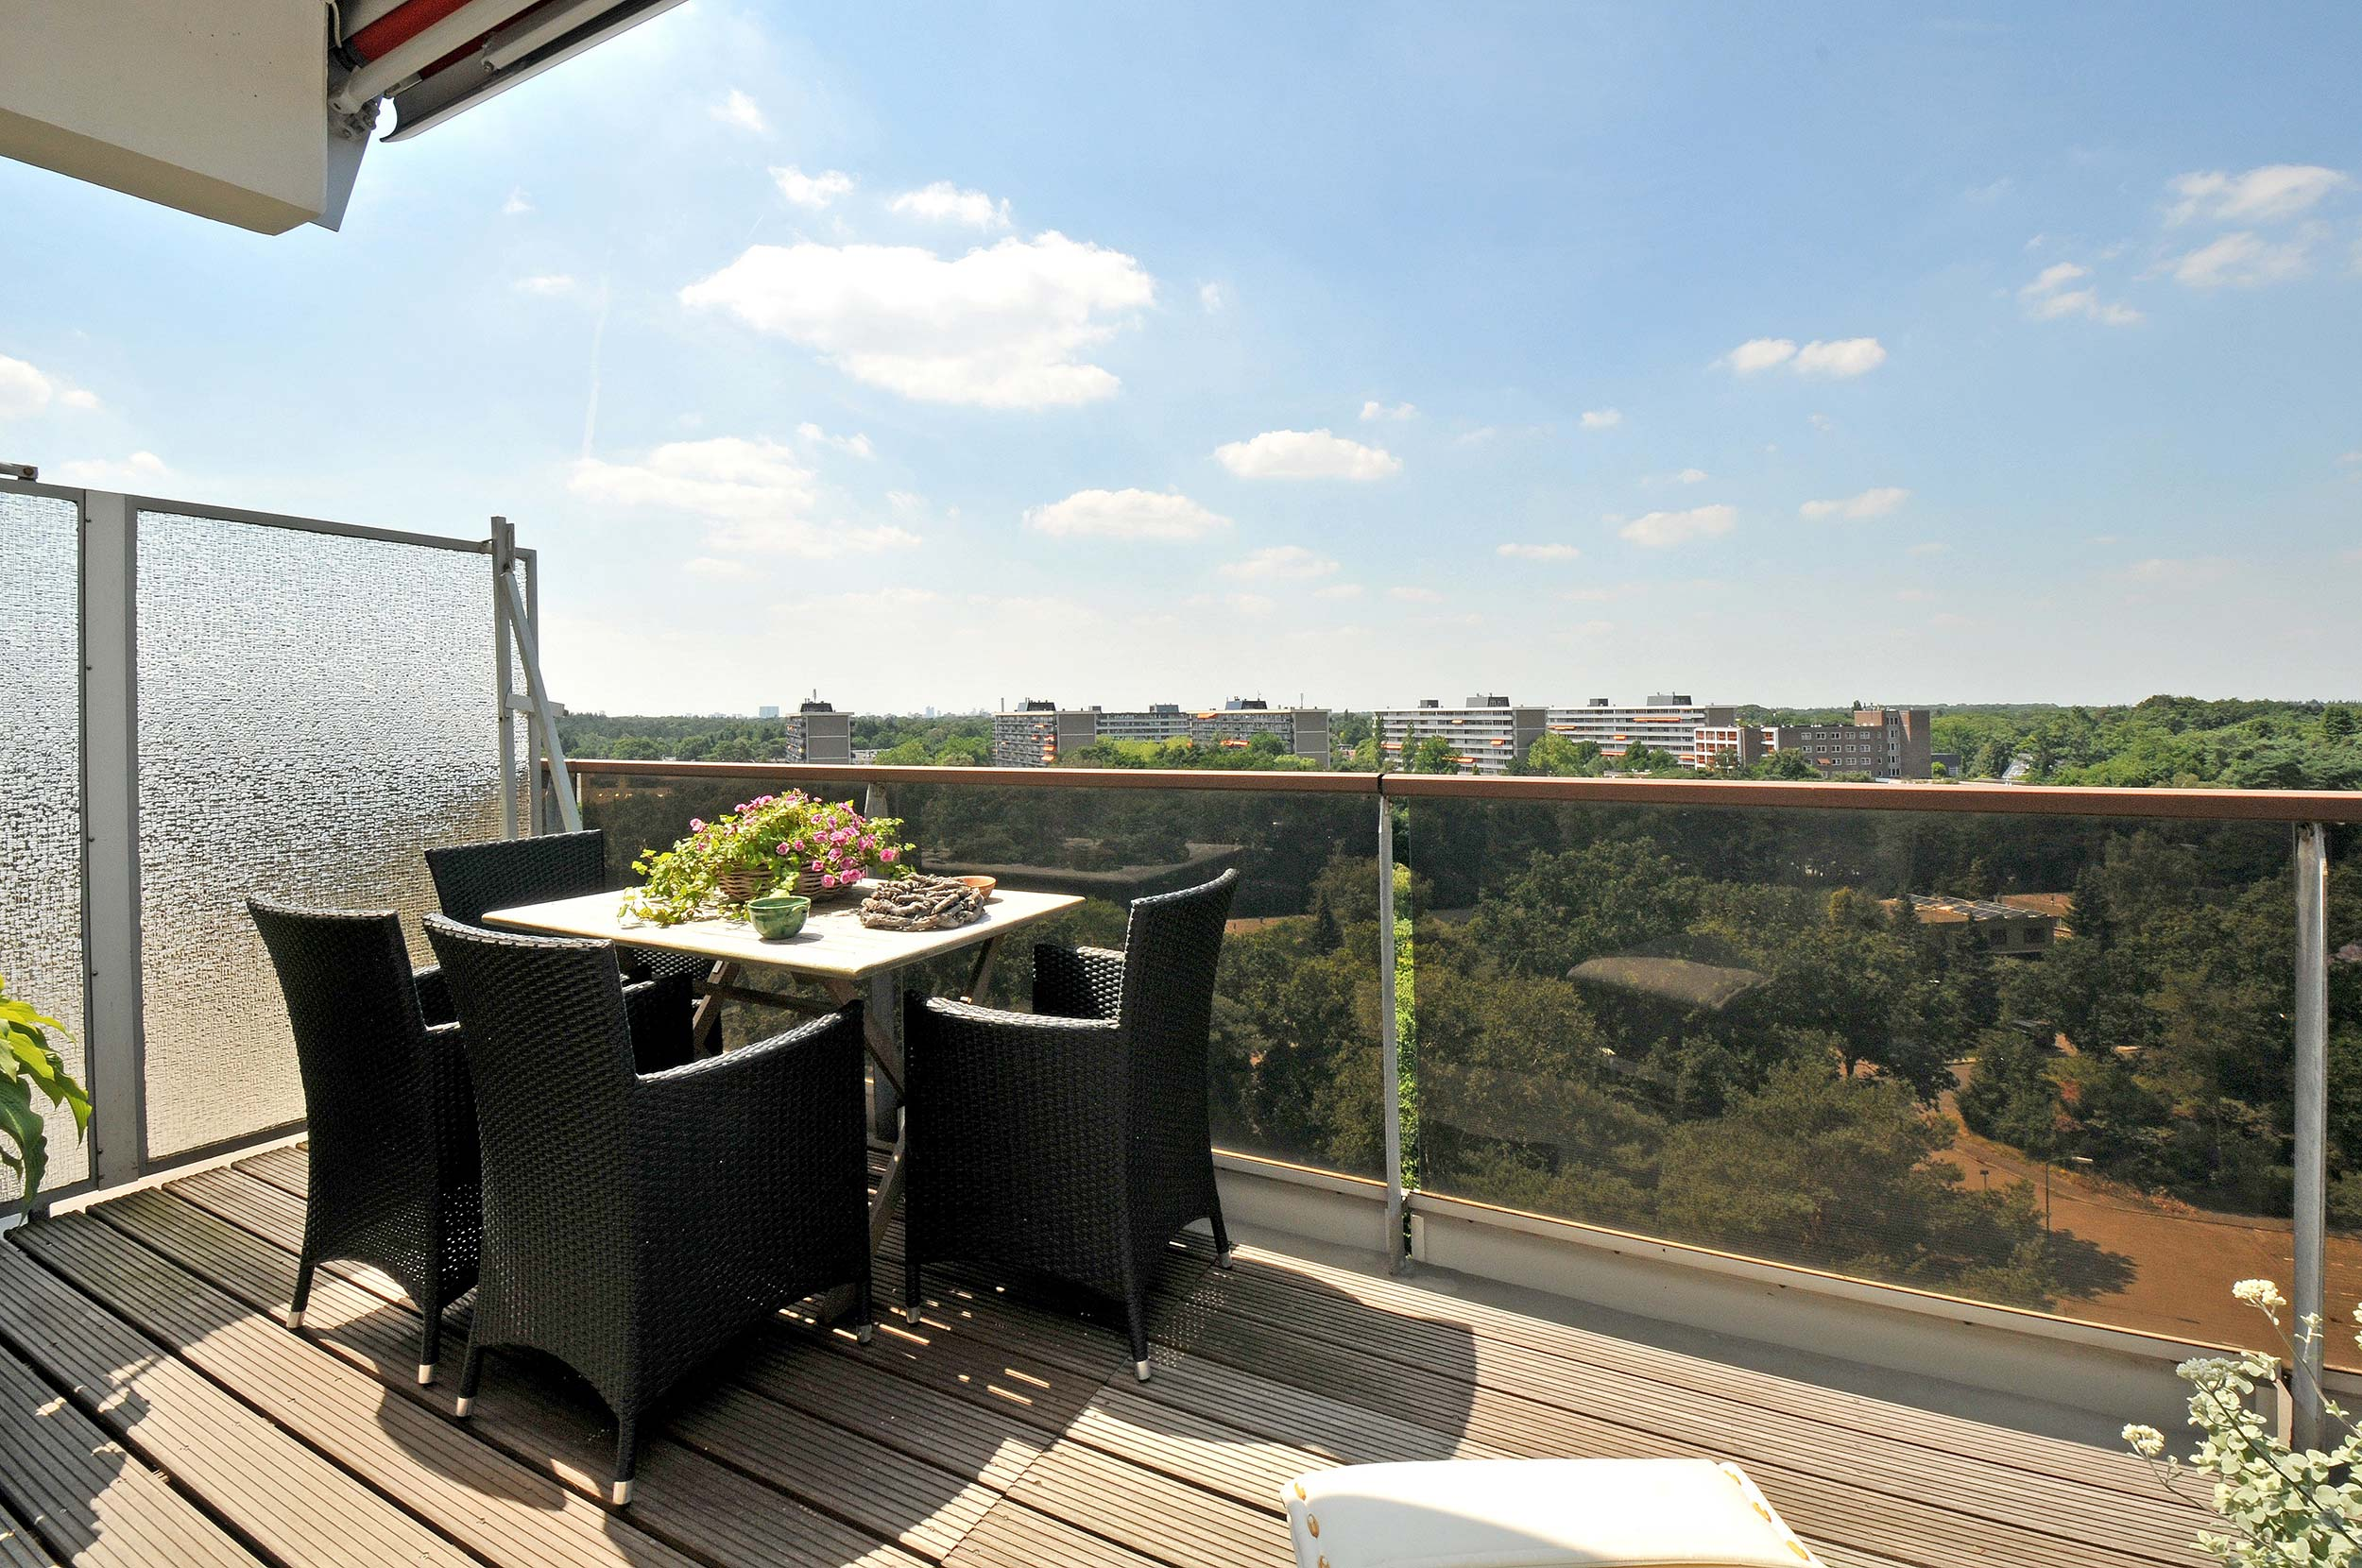 Serviceflat Houdringe balkon tuinset